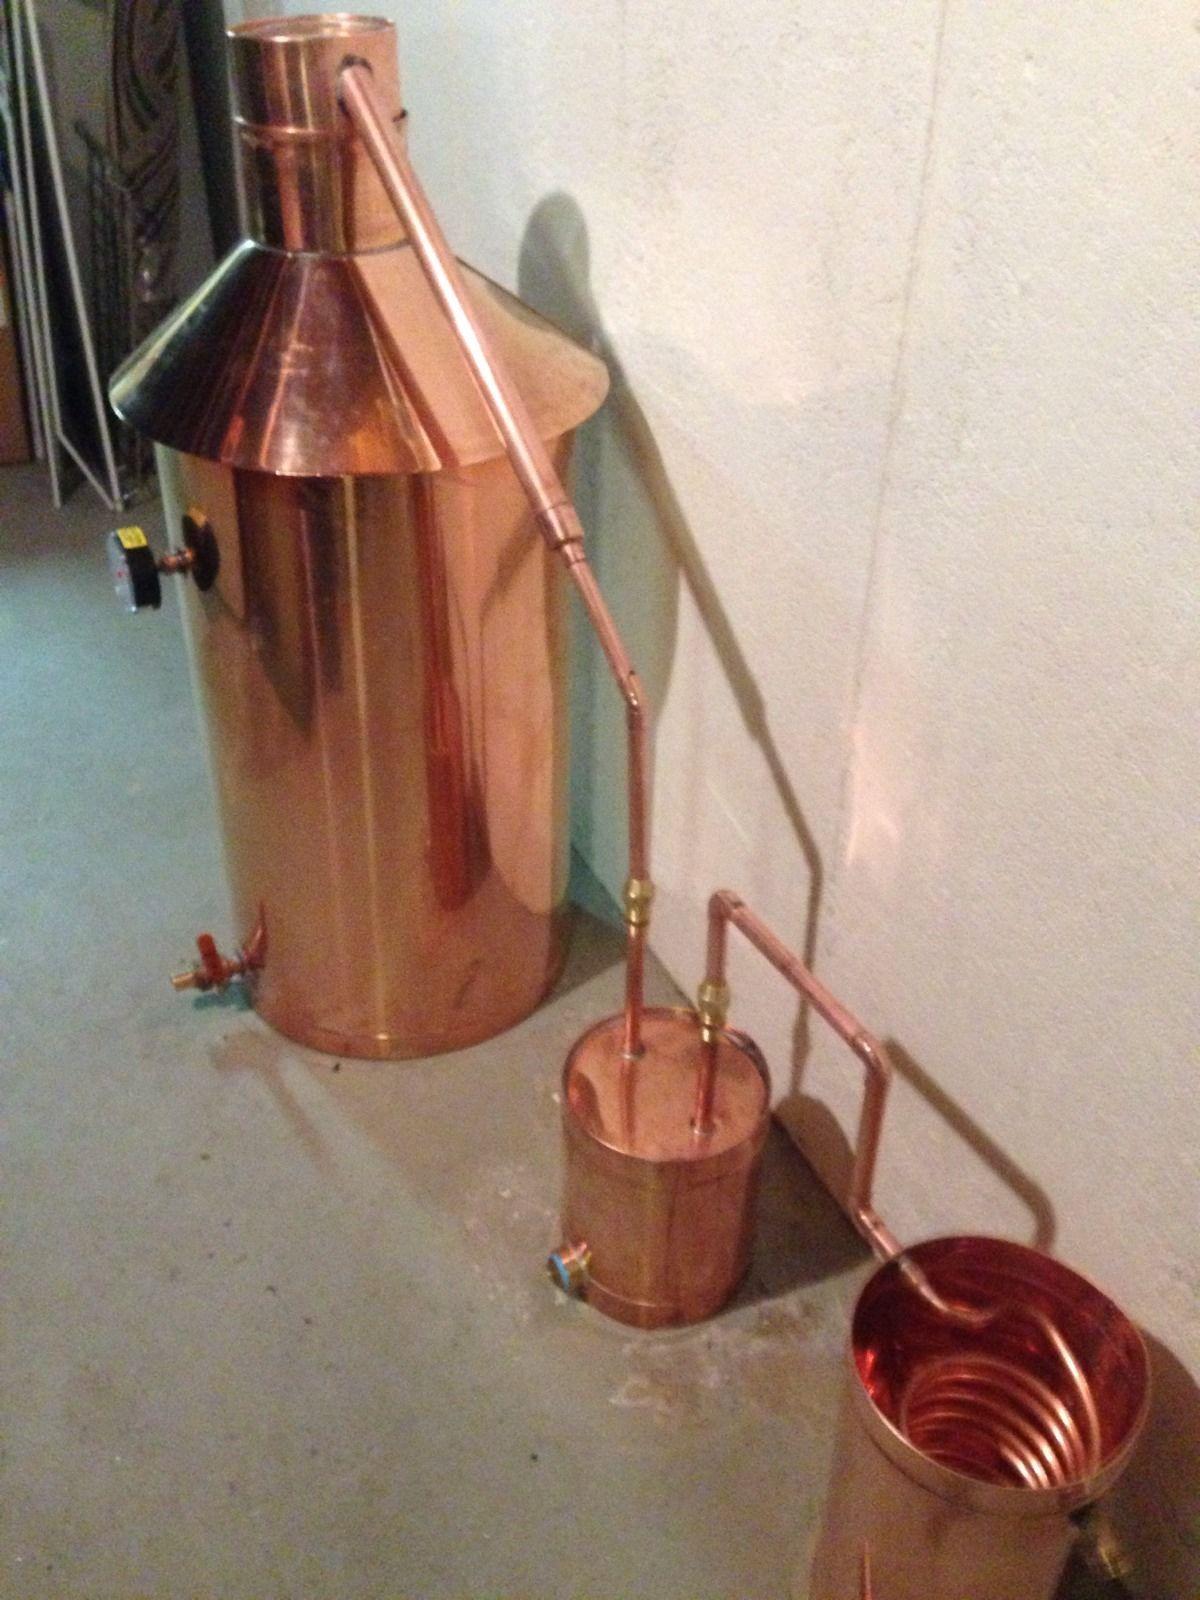 Discount Stillz 20 Gallon Heavy Copper Moonshine Still